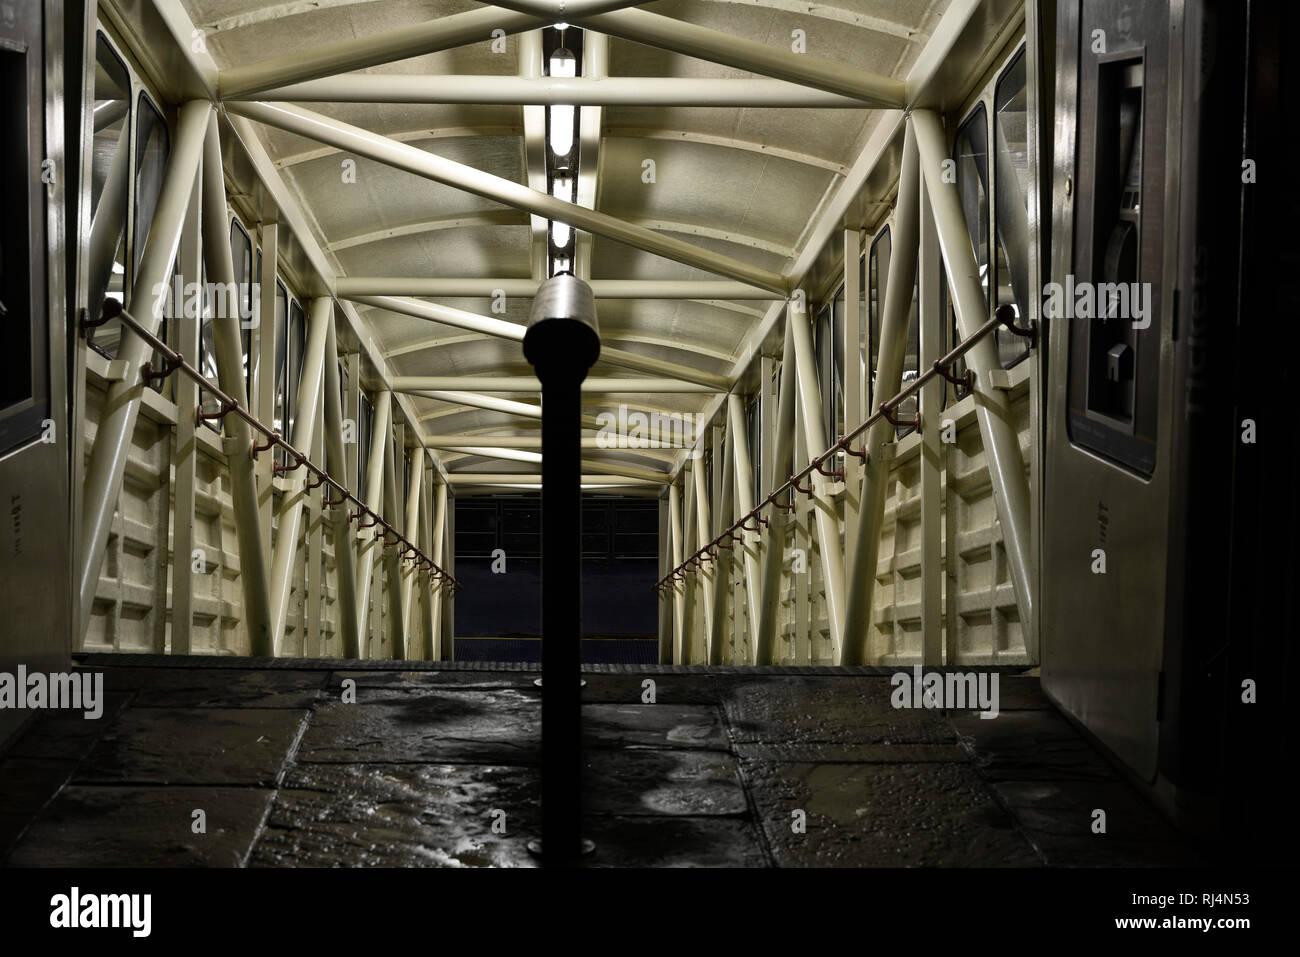 beleuchtete Rampe zur Themse - Stock Image